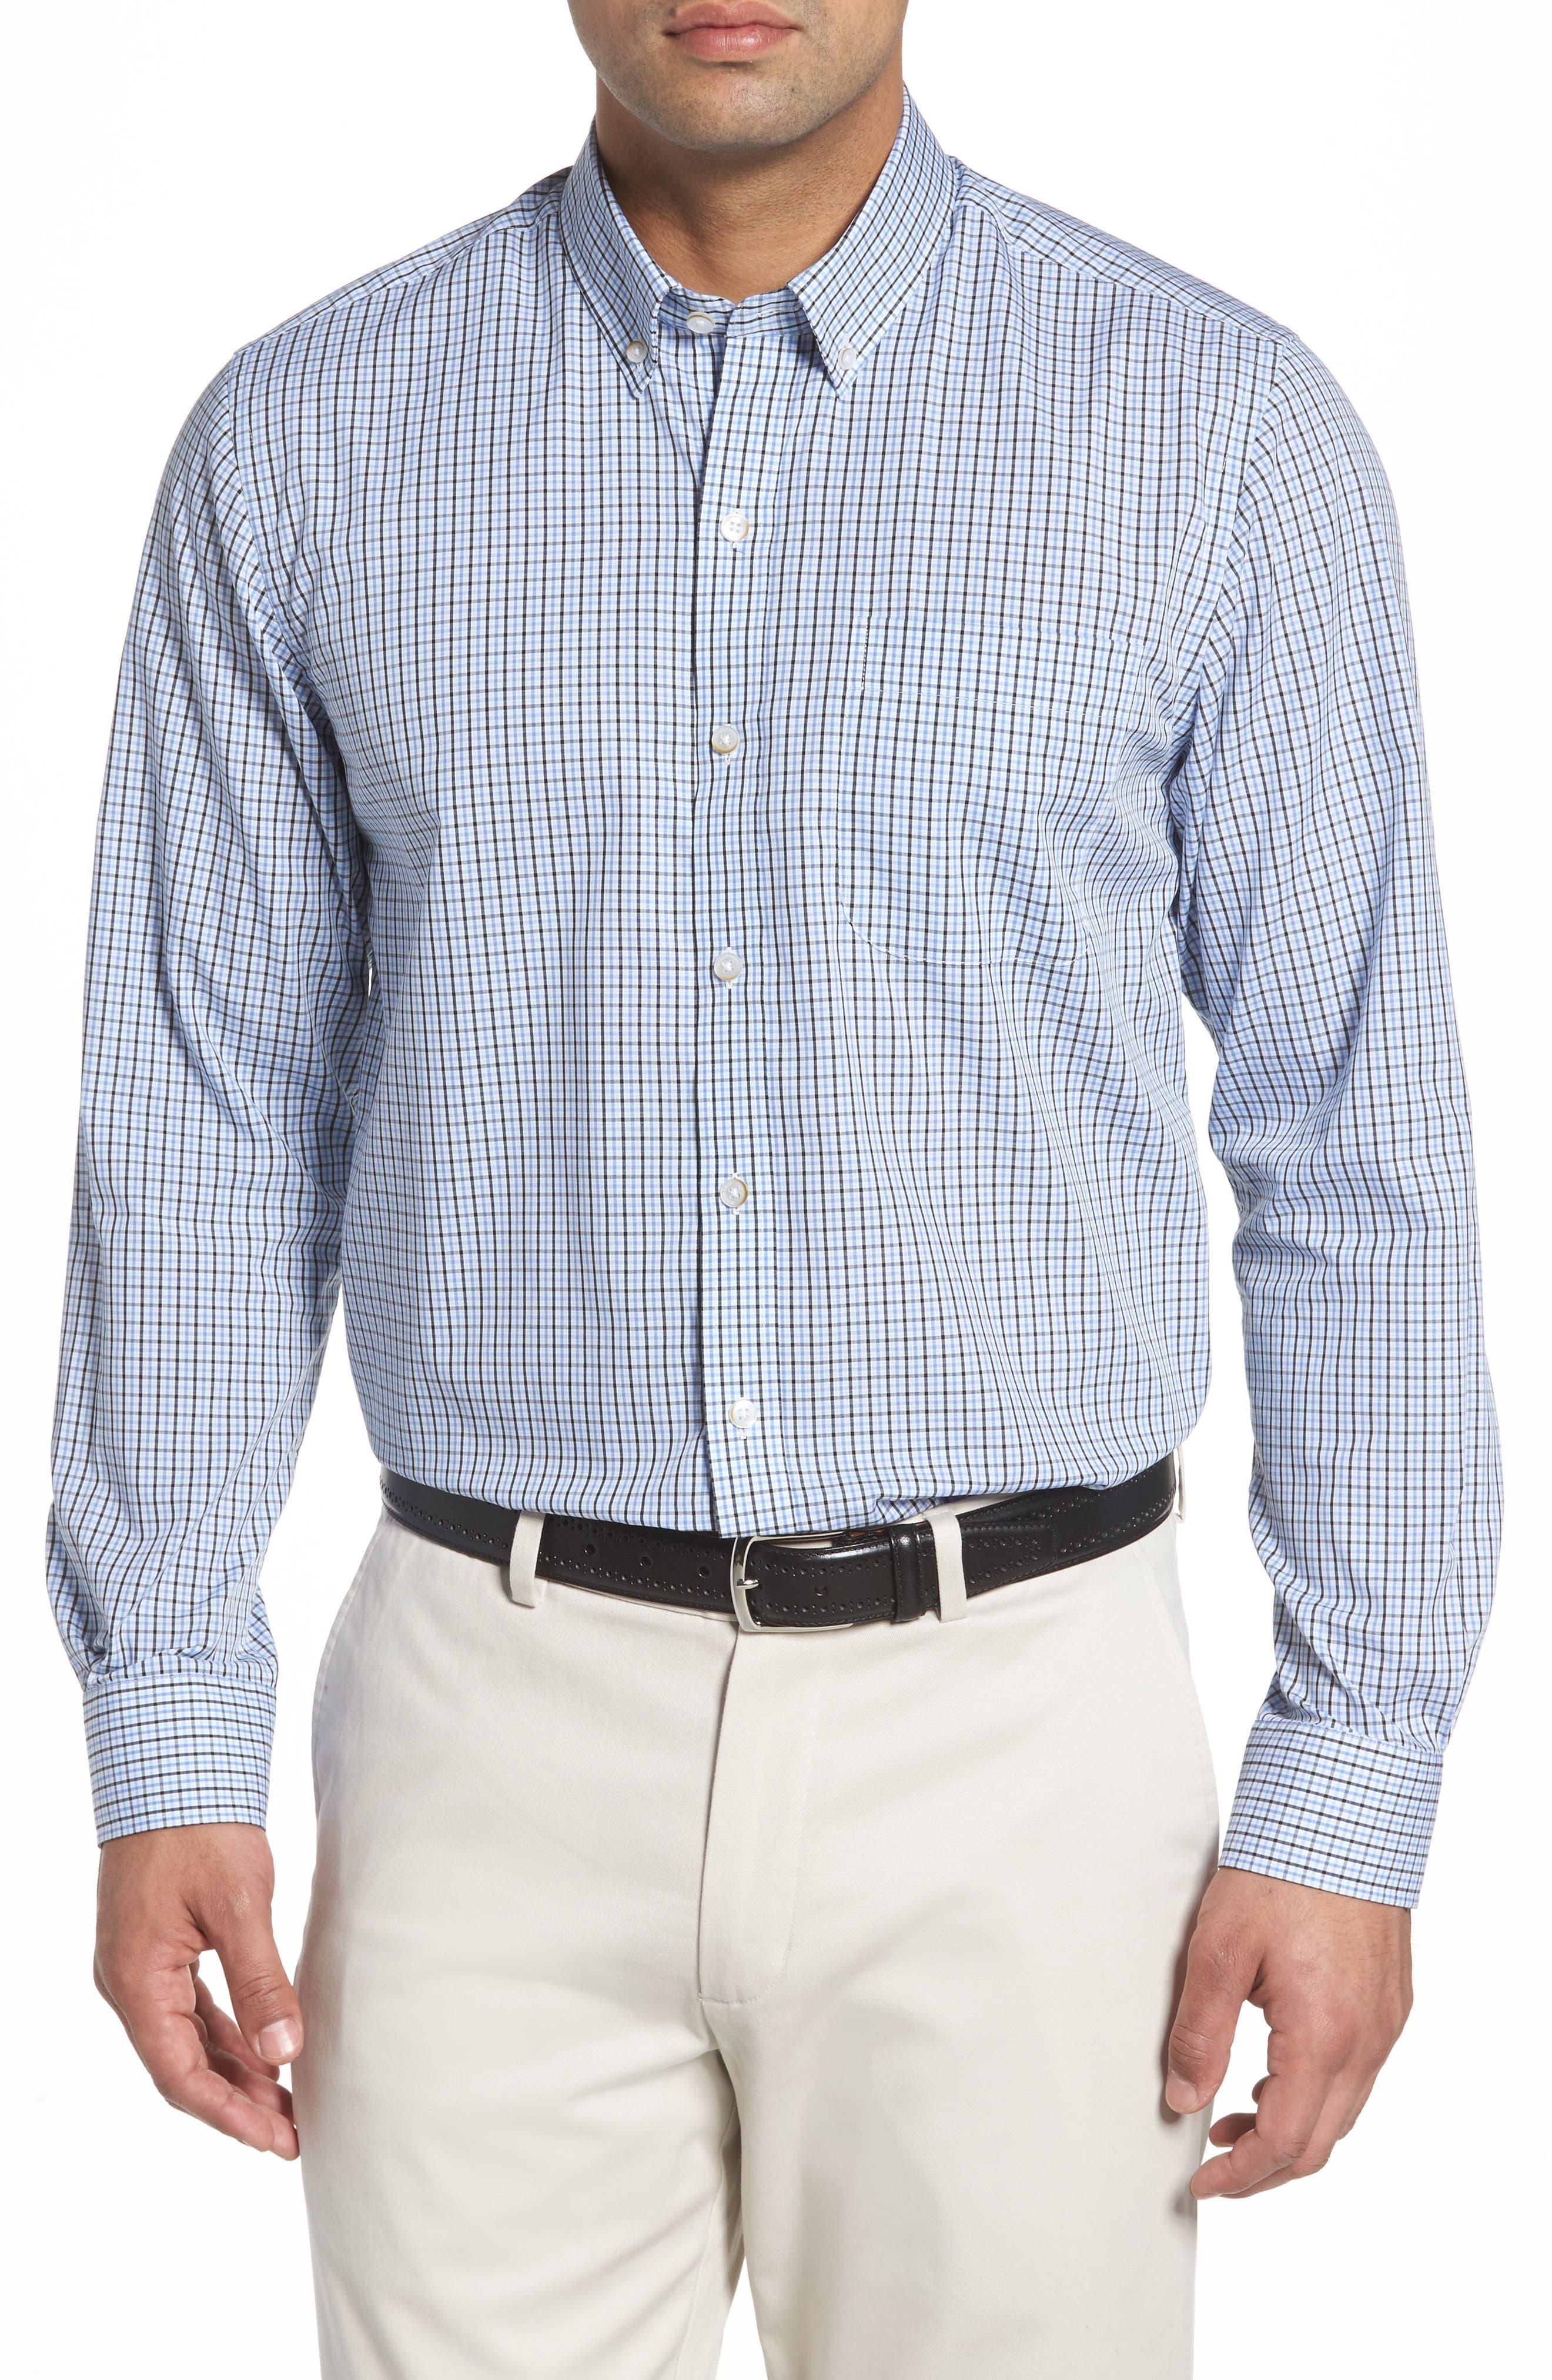 Easton Check Non-Iron Sport Shirt,                         Main,                         color, Wisteria